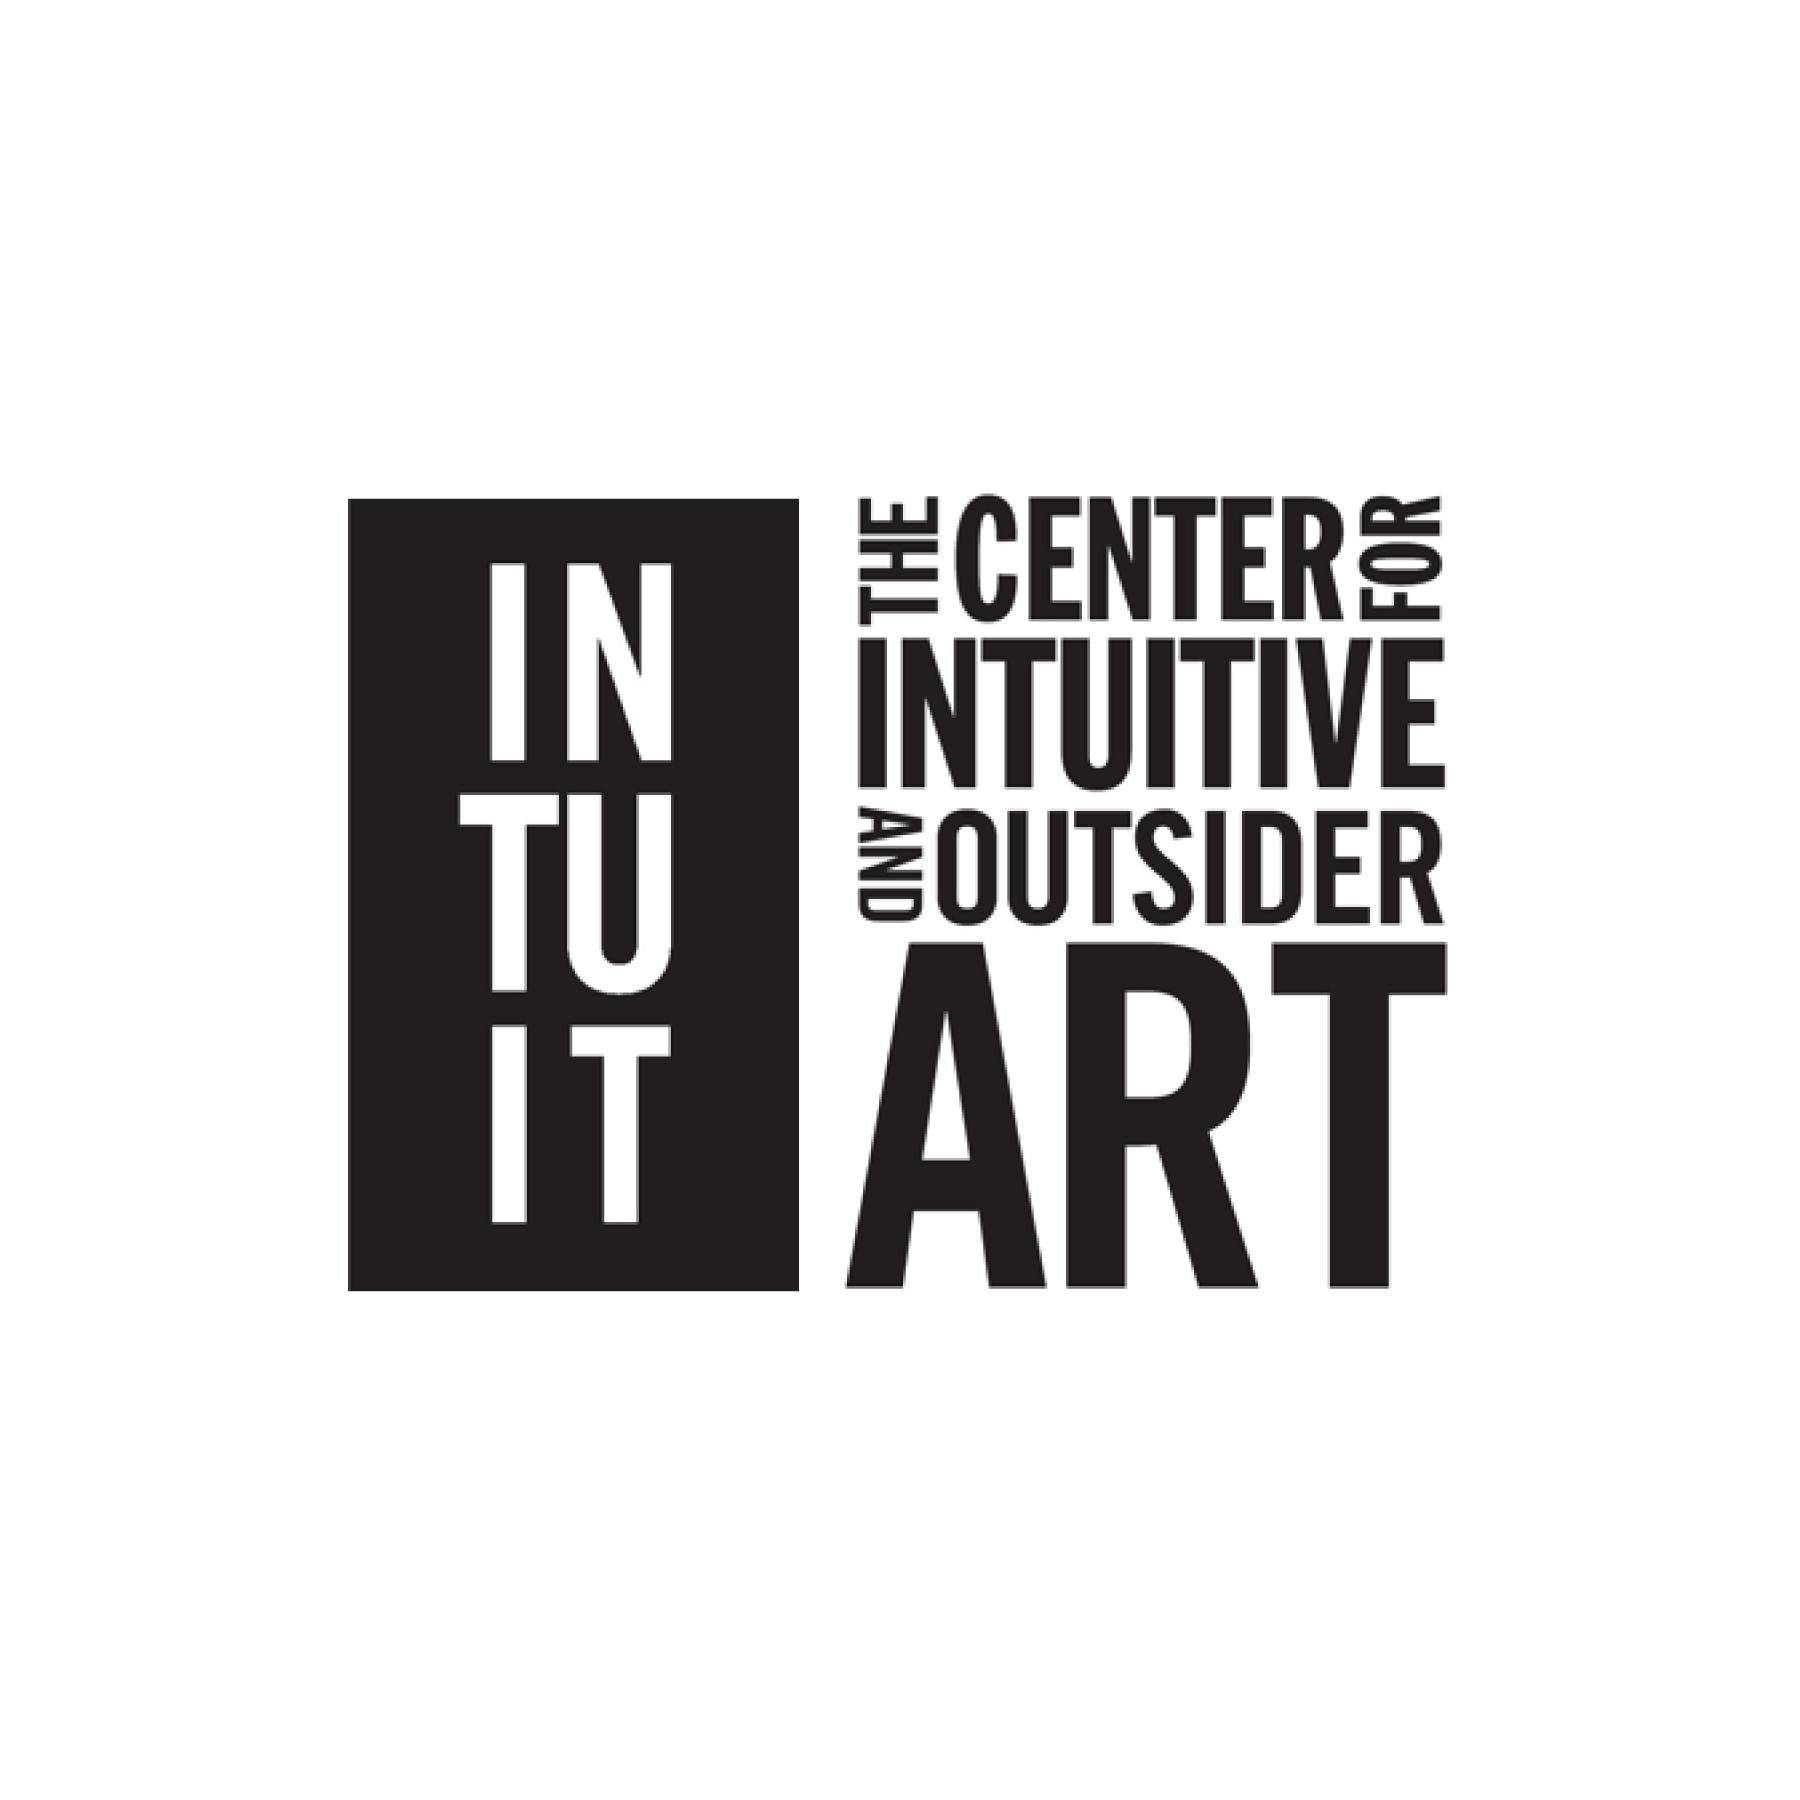 Intuit-Center